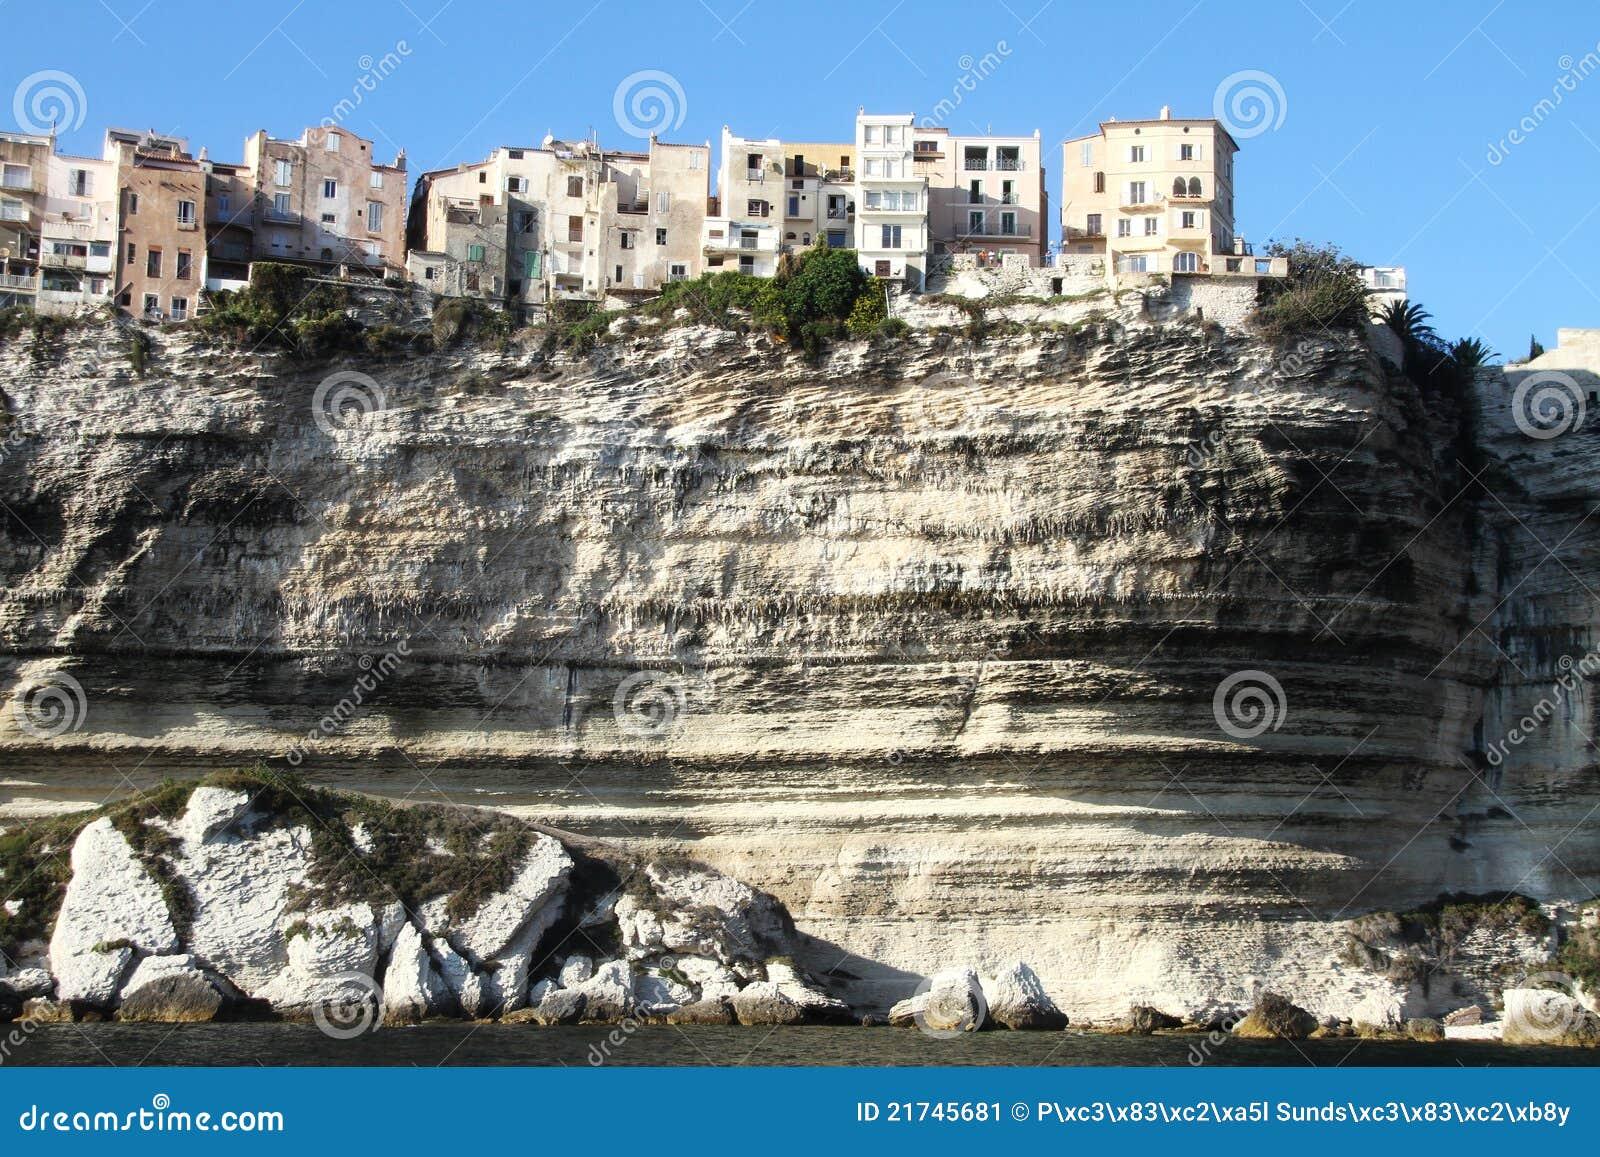 La citt della scogliera bonifacio for Piscine falaise